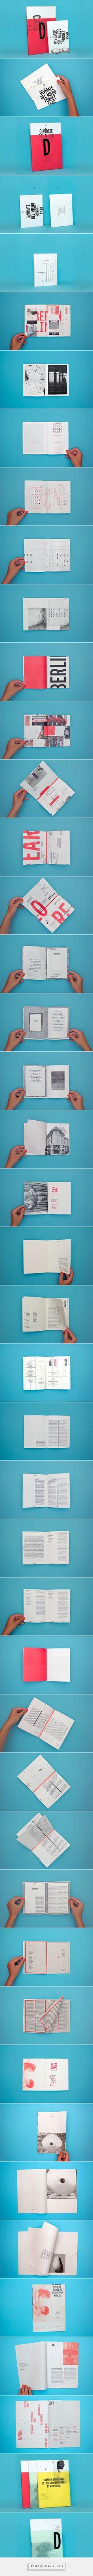 No. 0 | Dale by Eugenia Mello